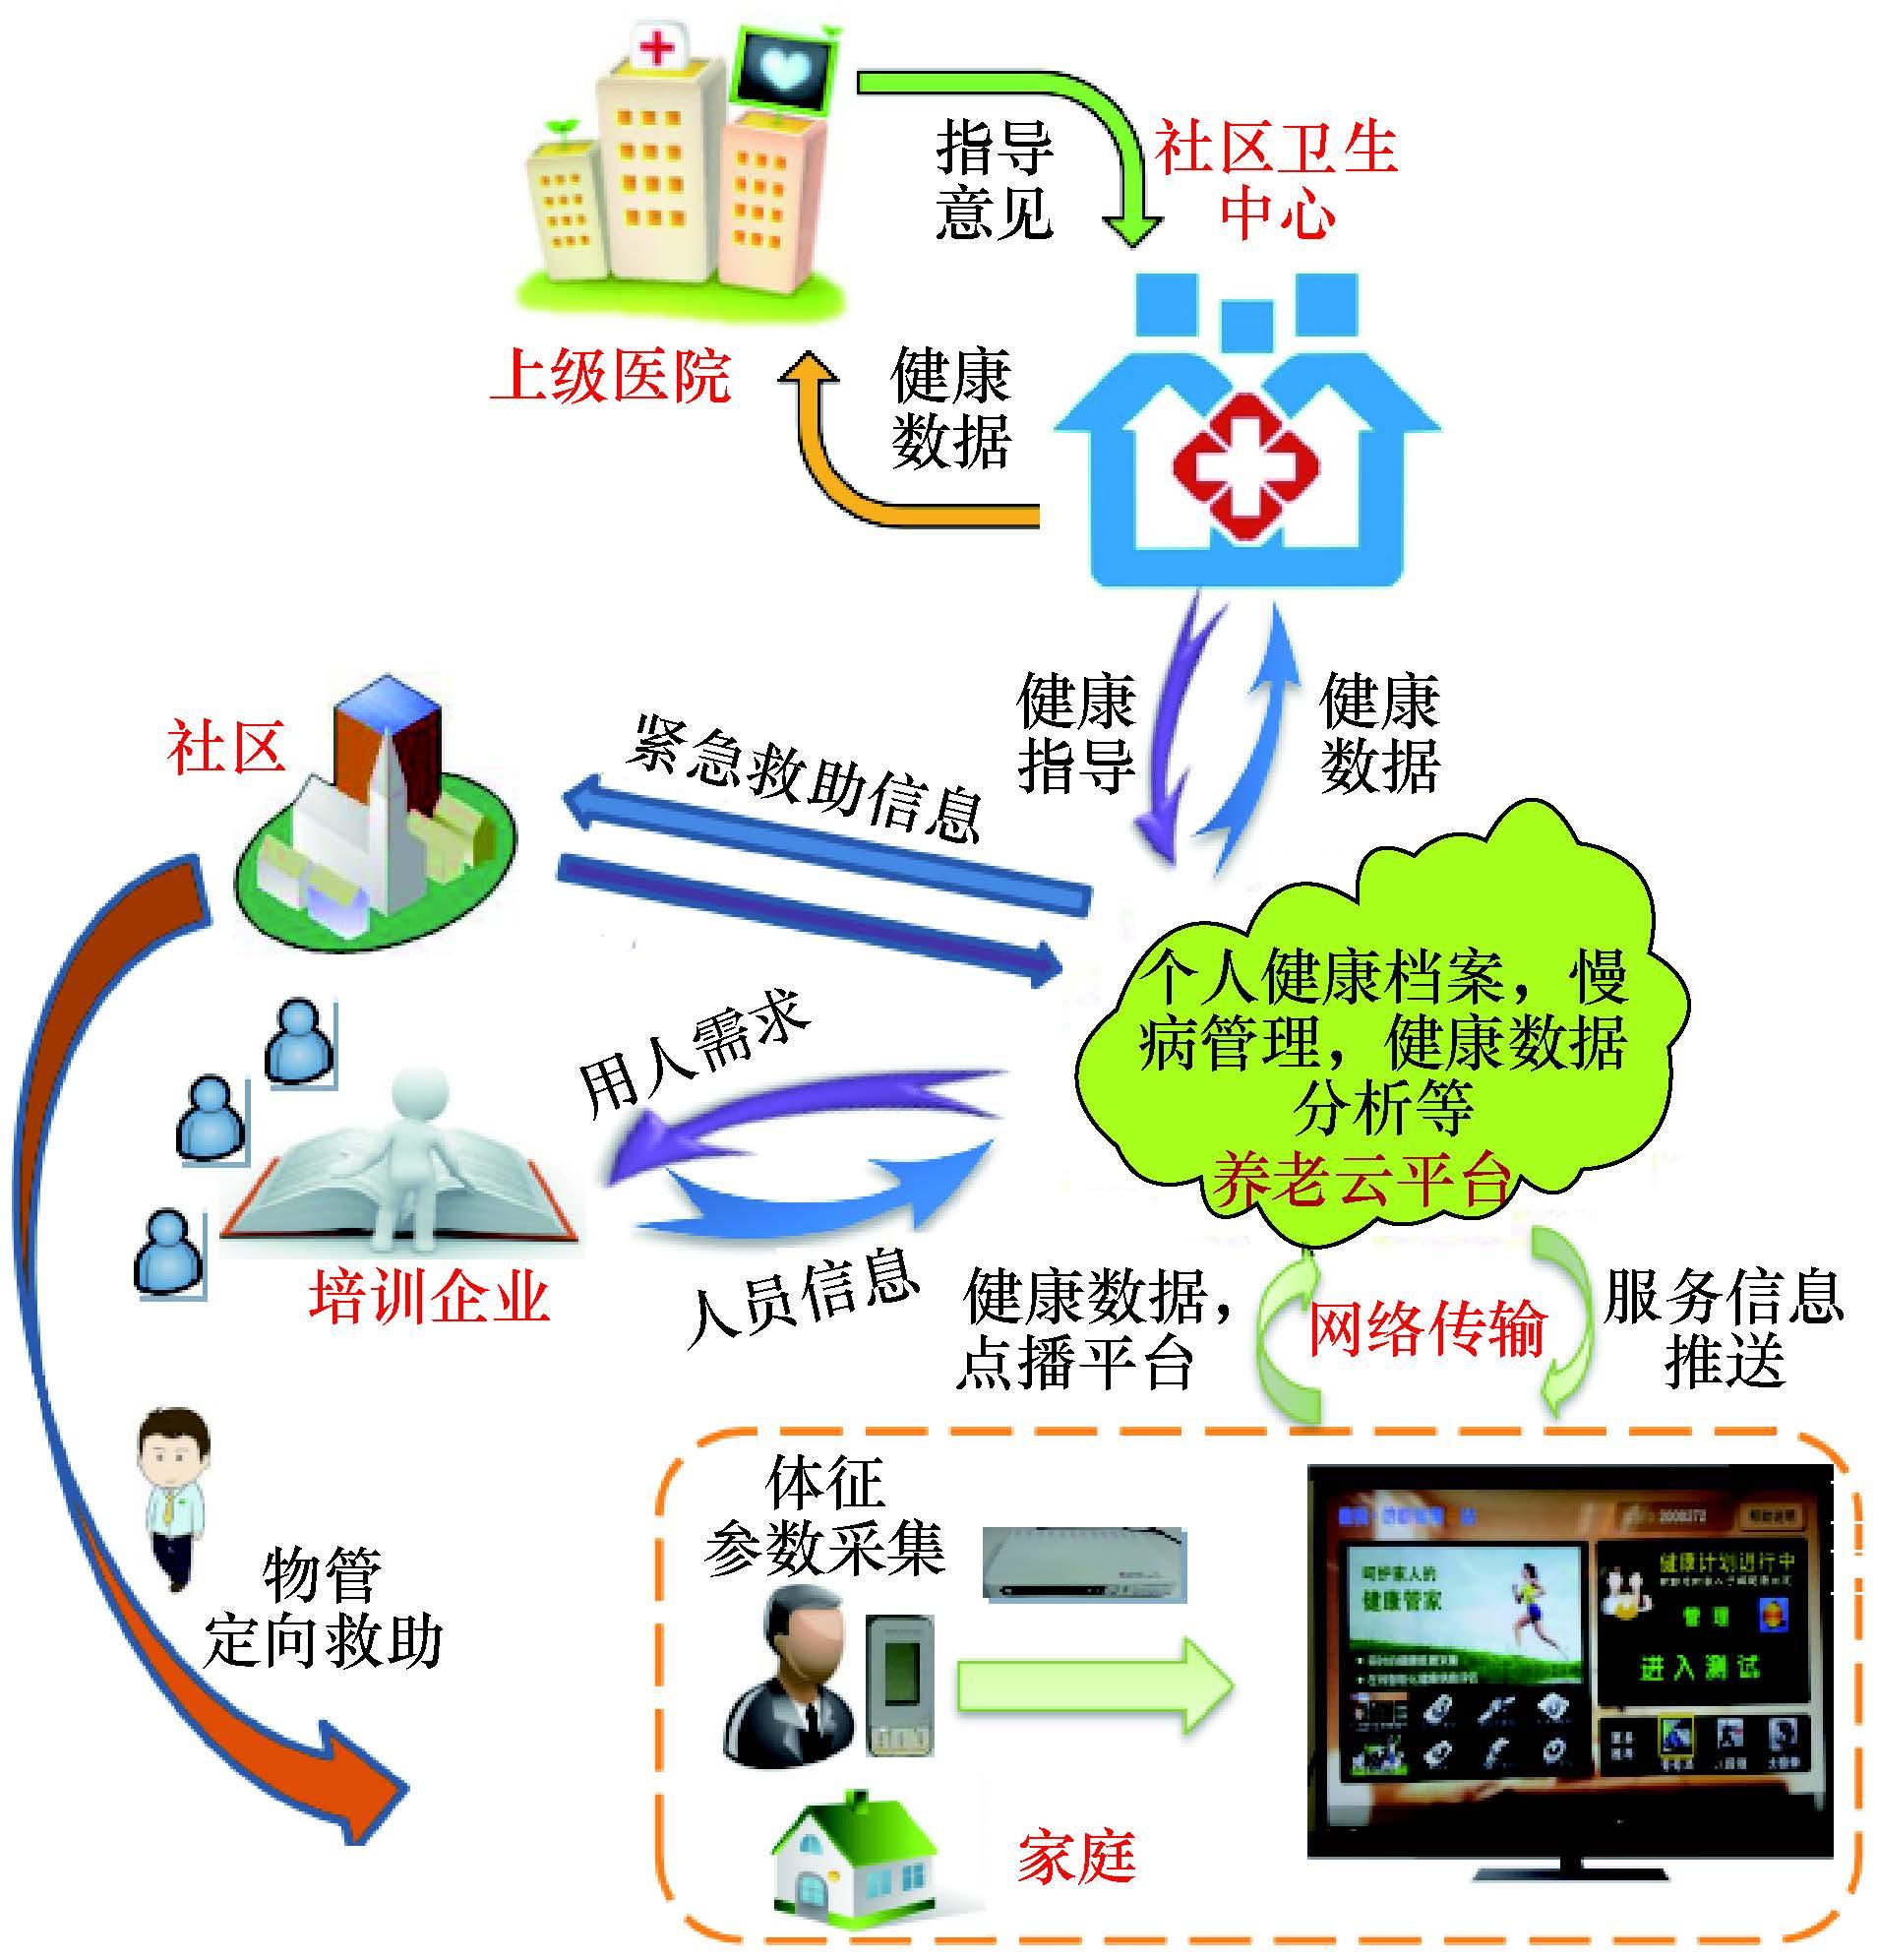 物联网技术在医疗服务领域的应用与发展现状.jpg